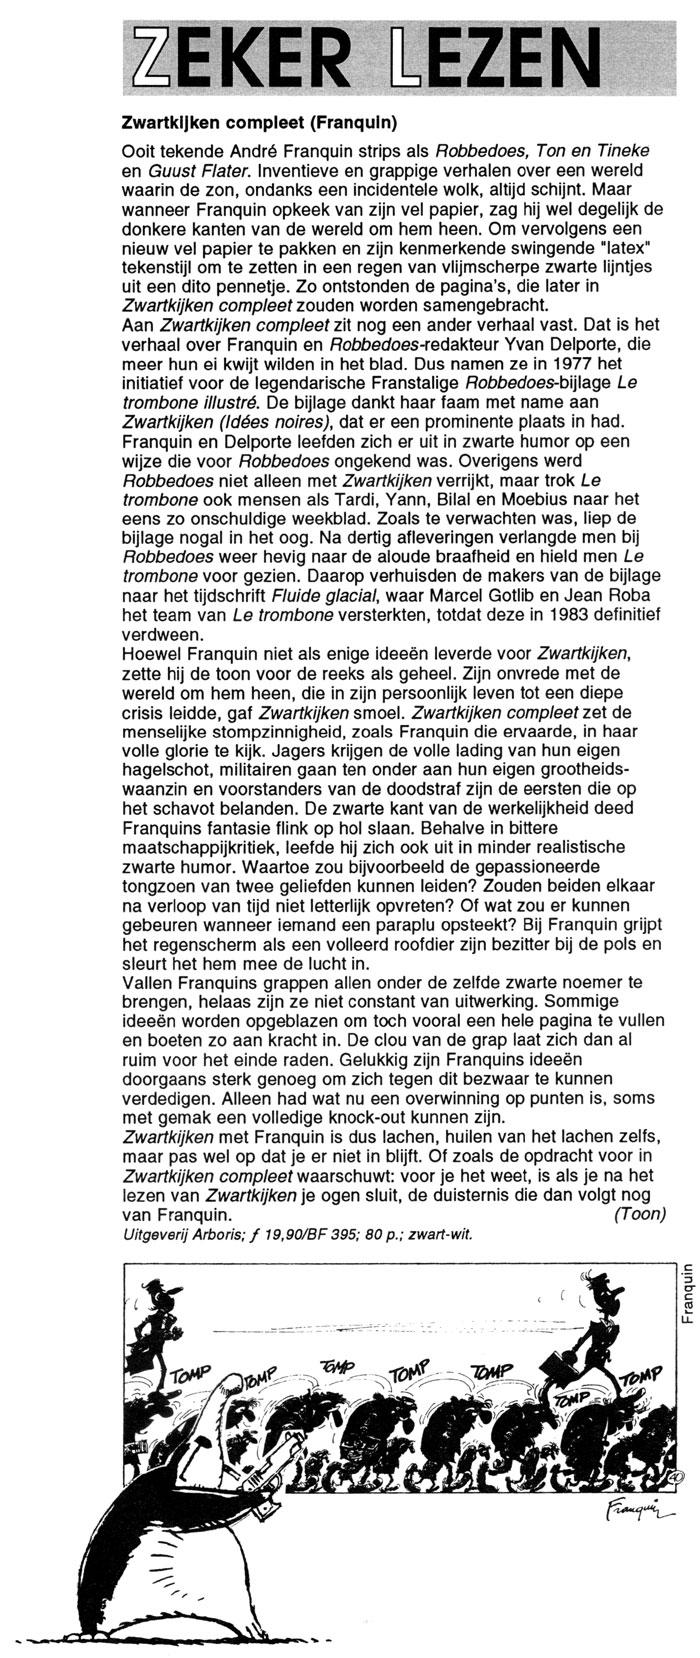 ZL_Zwartkijken